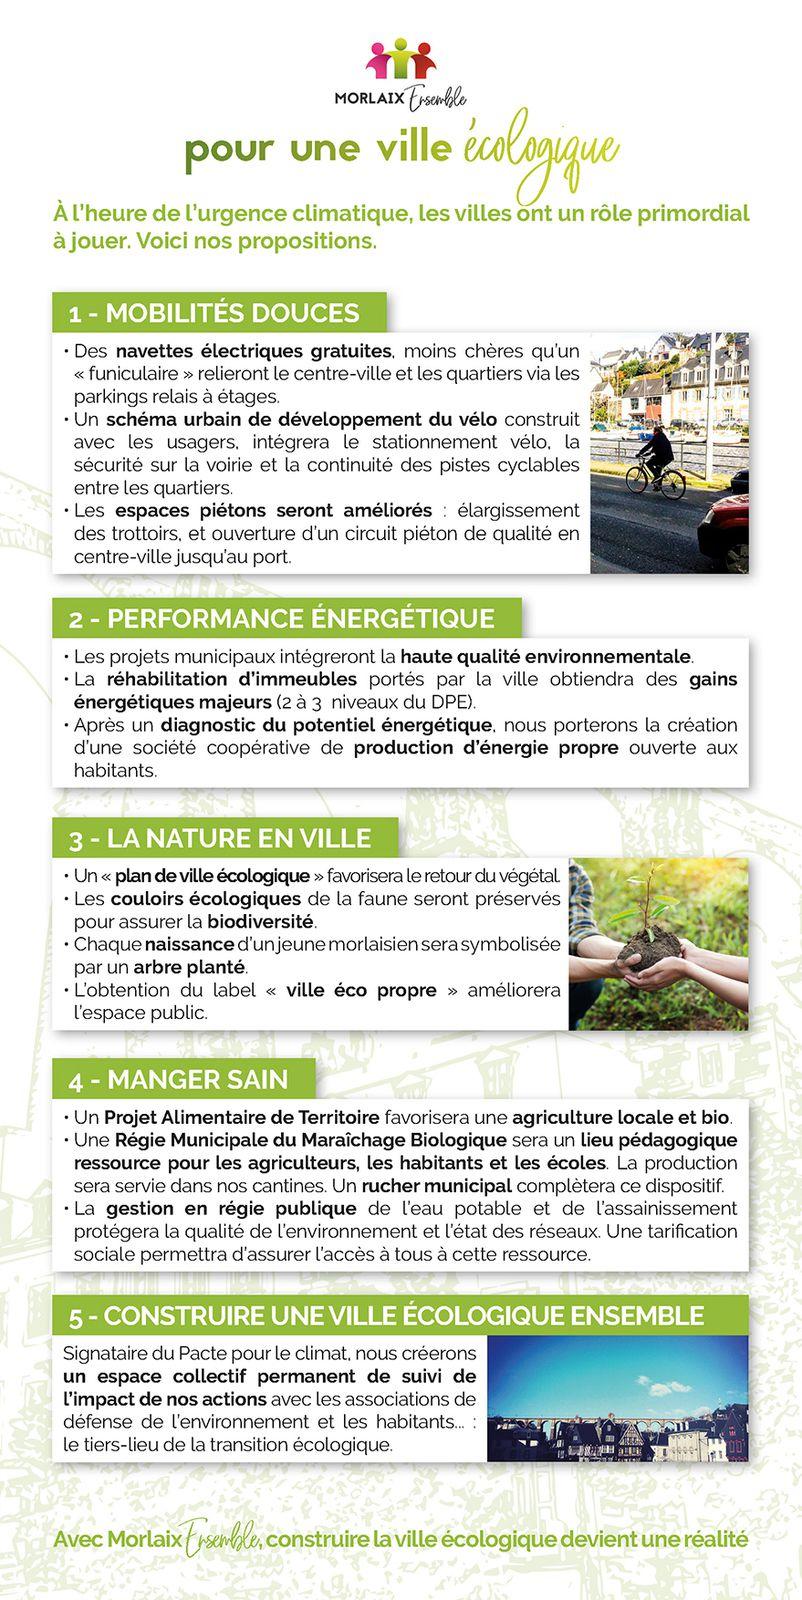 Municipales - Morlaix Ensemble présente son dépliant programme de 8 pages pour une ville solidaire, écologique, active